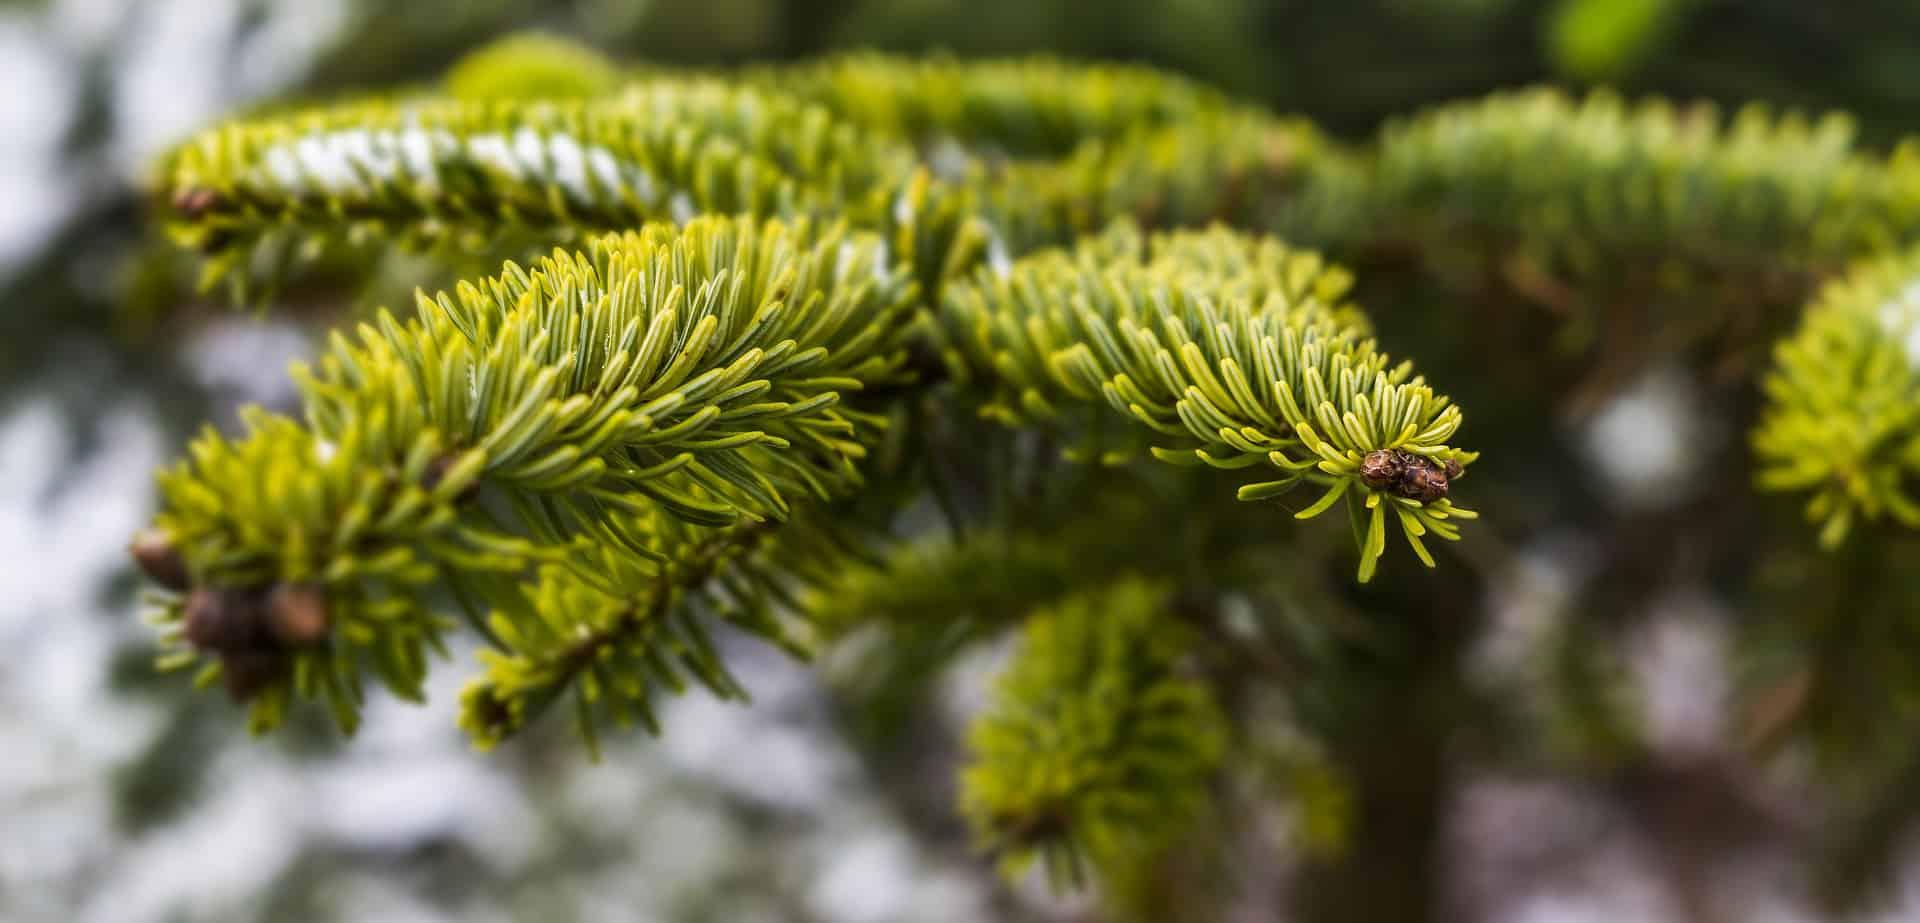 Christmas Tree Allergy: Can an Air